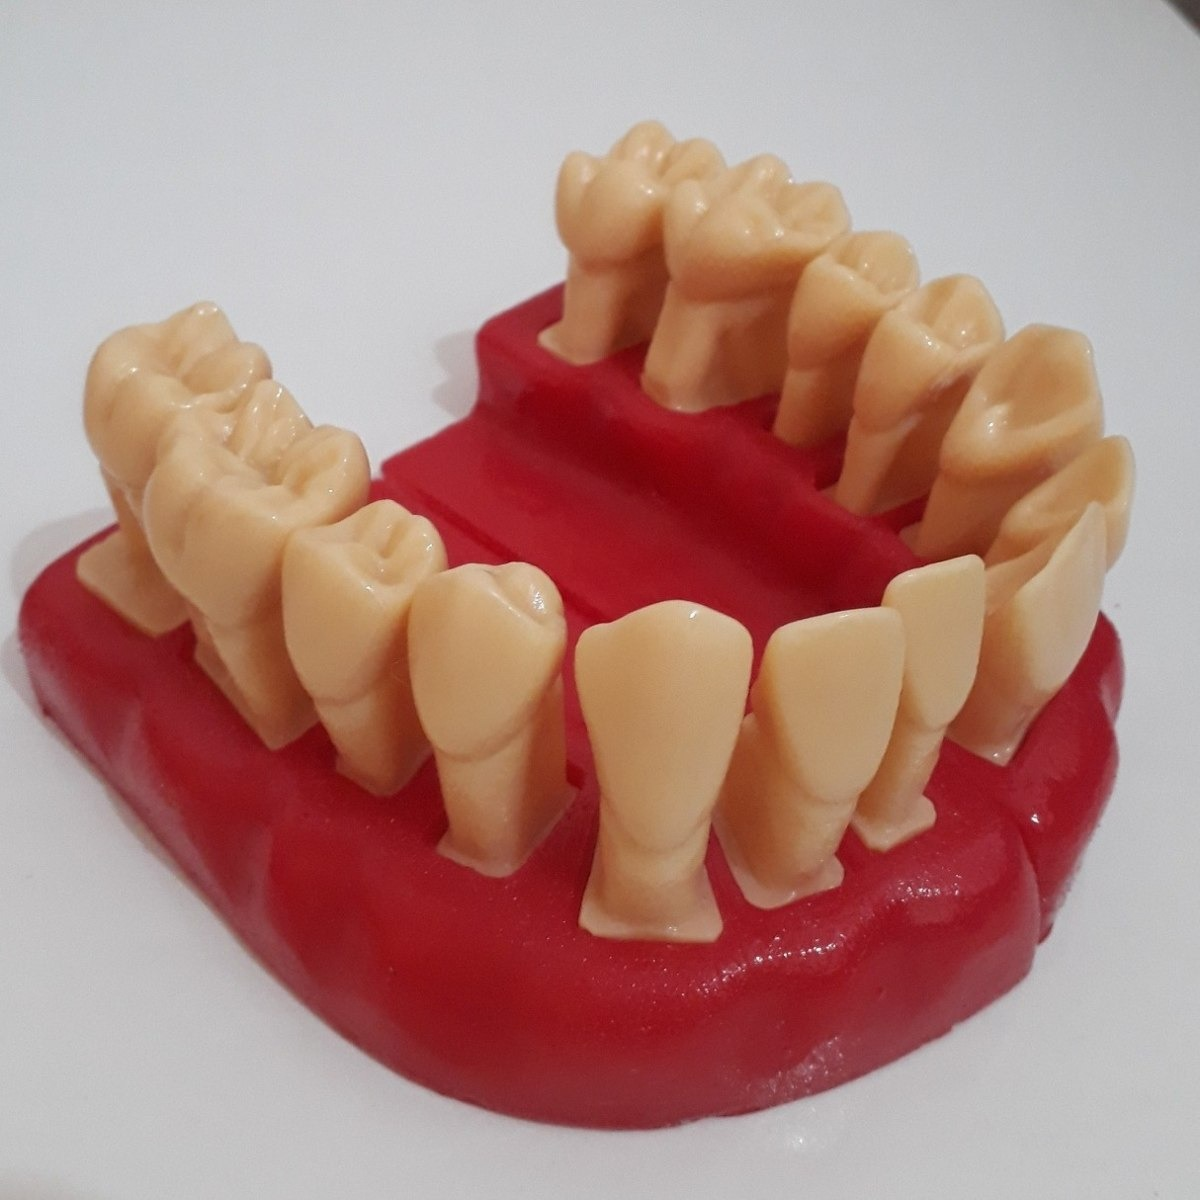 Macromodelo De Dentes Em Resina Estudo De Anatomia Dental